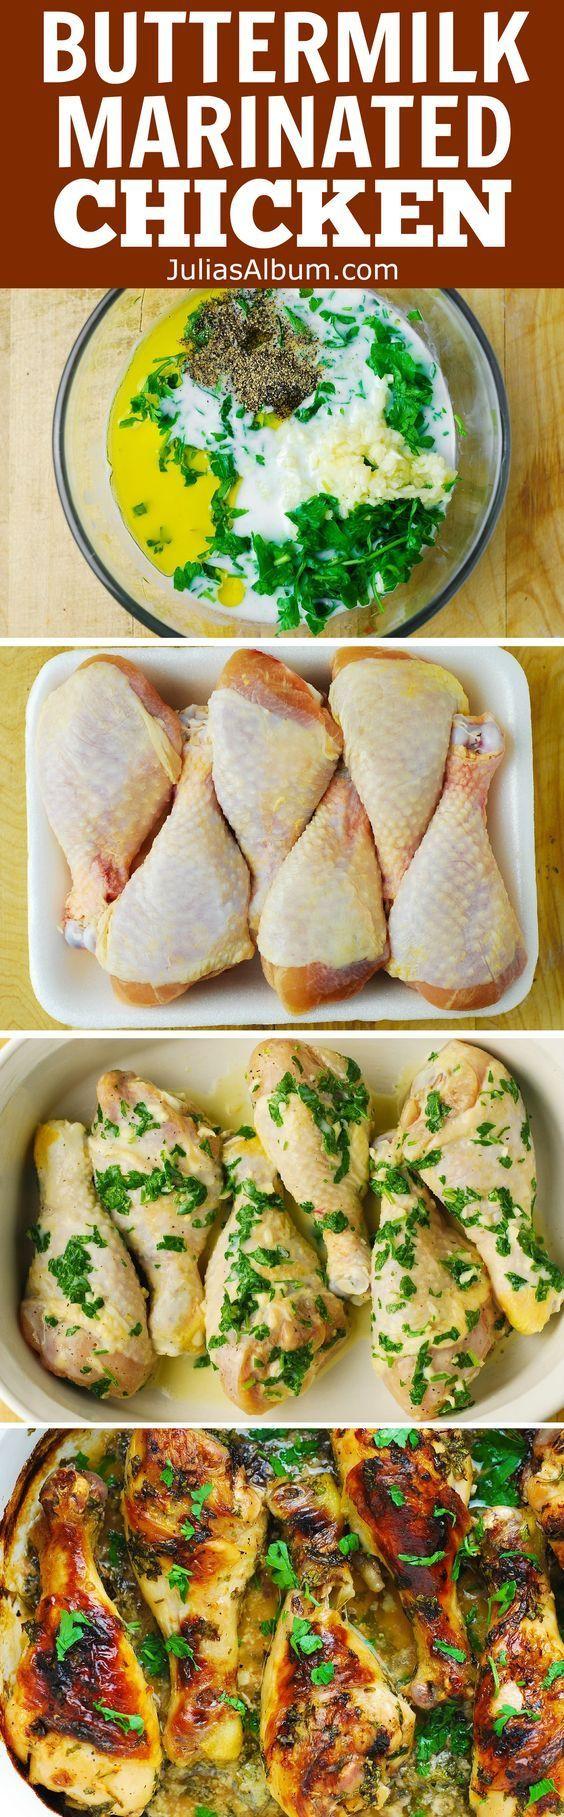 Buttermilk Roasted Chicken - super flavorful, moist, tenderized chicken! Healthier way to cook chicken drumsticks!